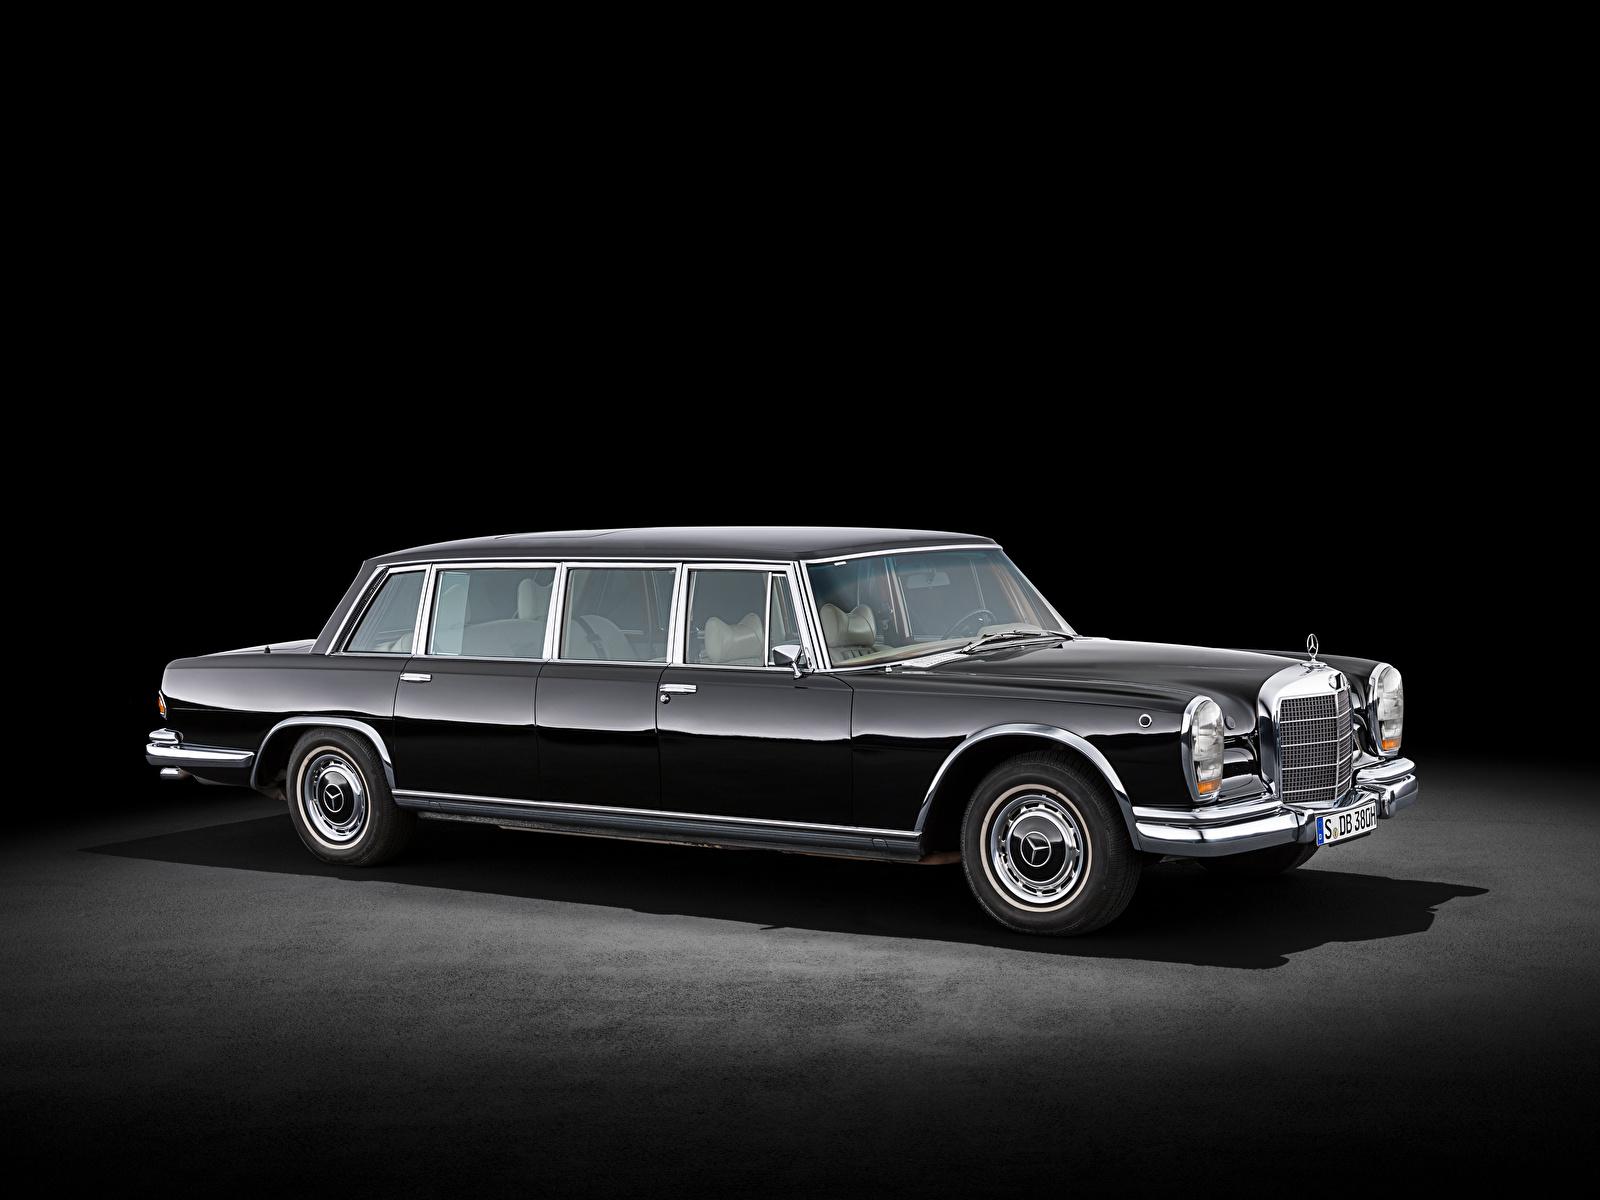 zdjęcie Mercedes-Benz samochód Widok z boku 1600x1200 Samochody